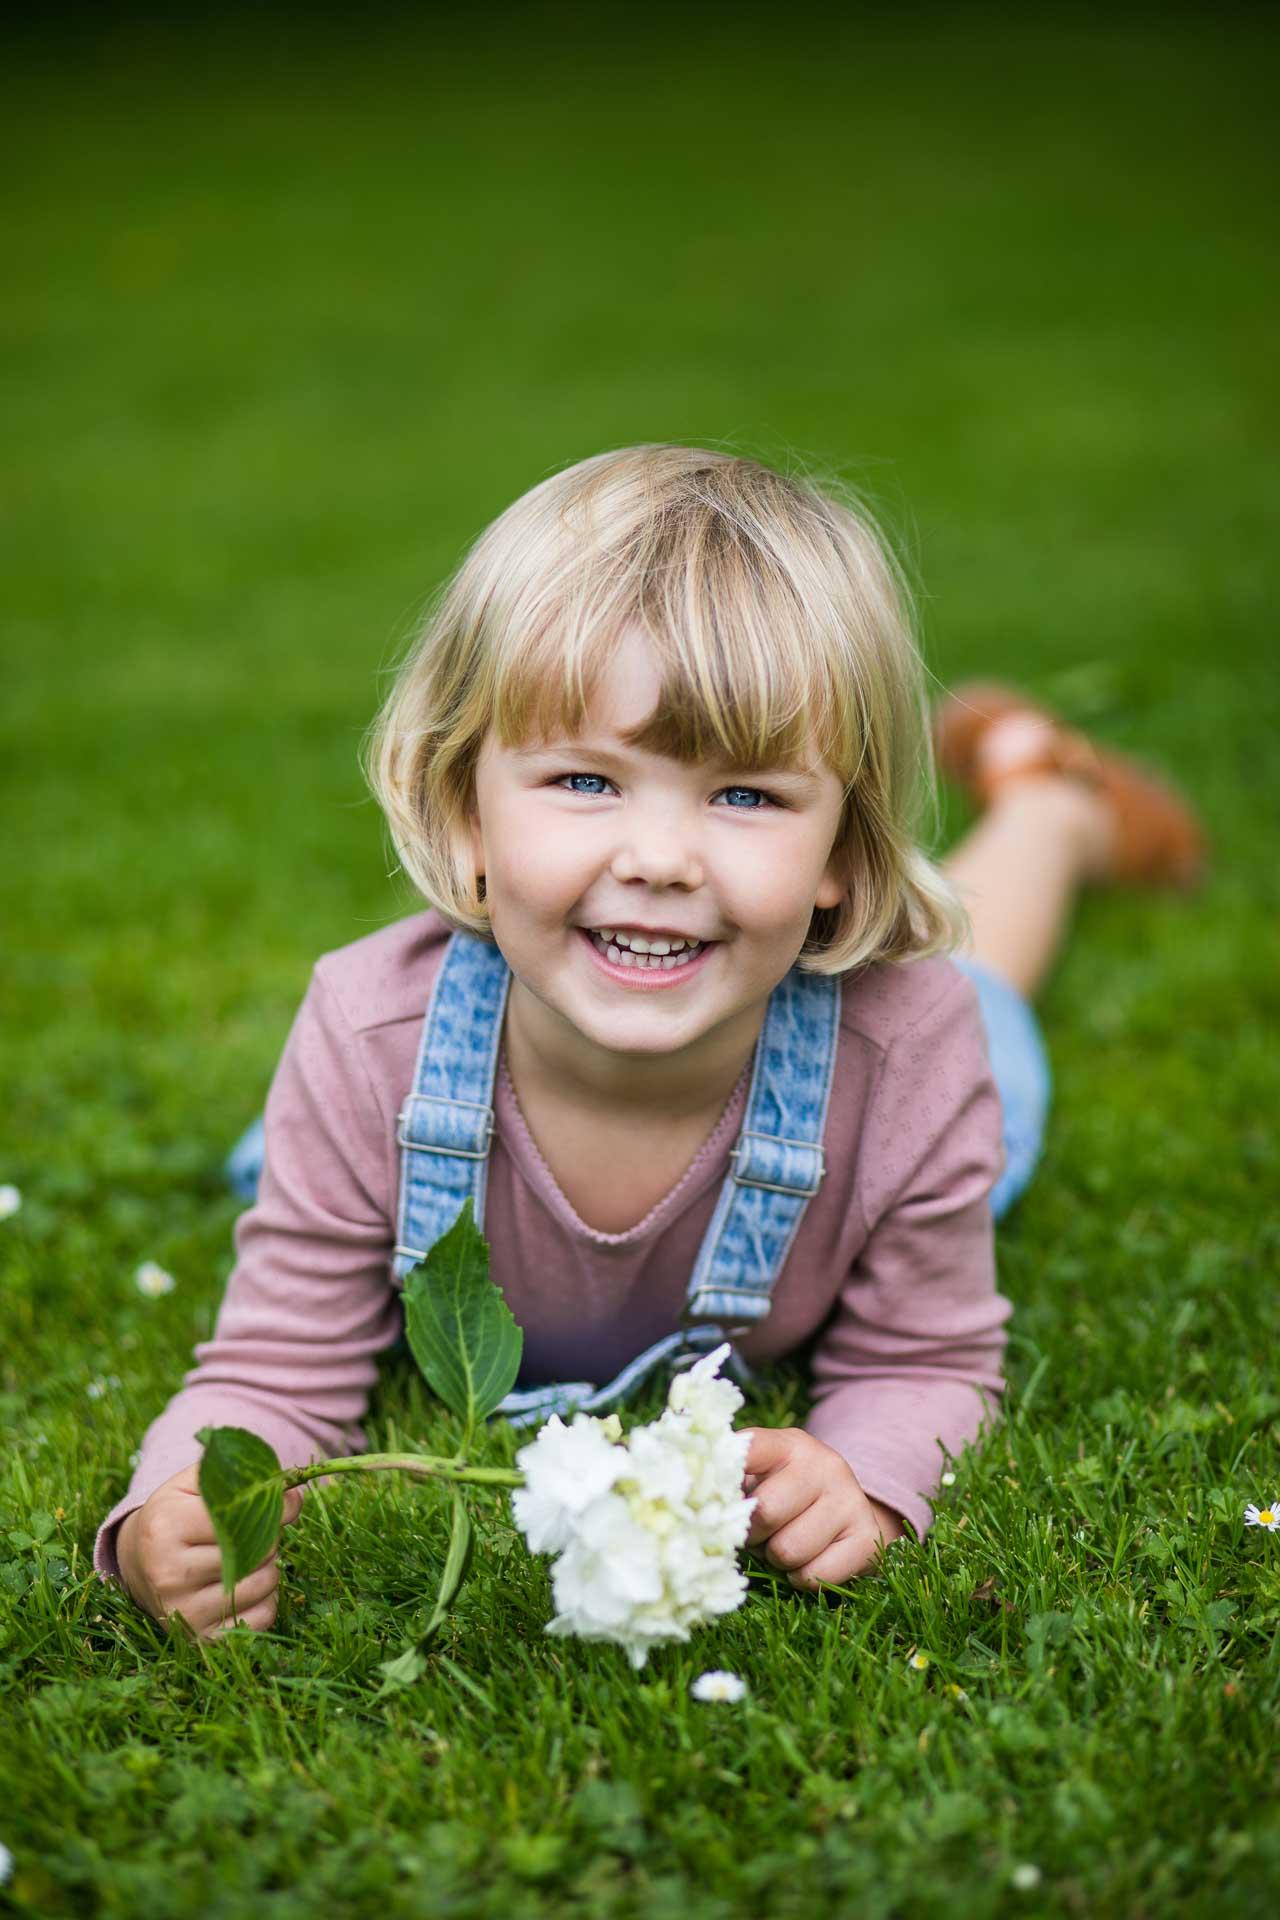 Søger du en børnefotograf?